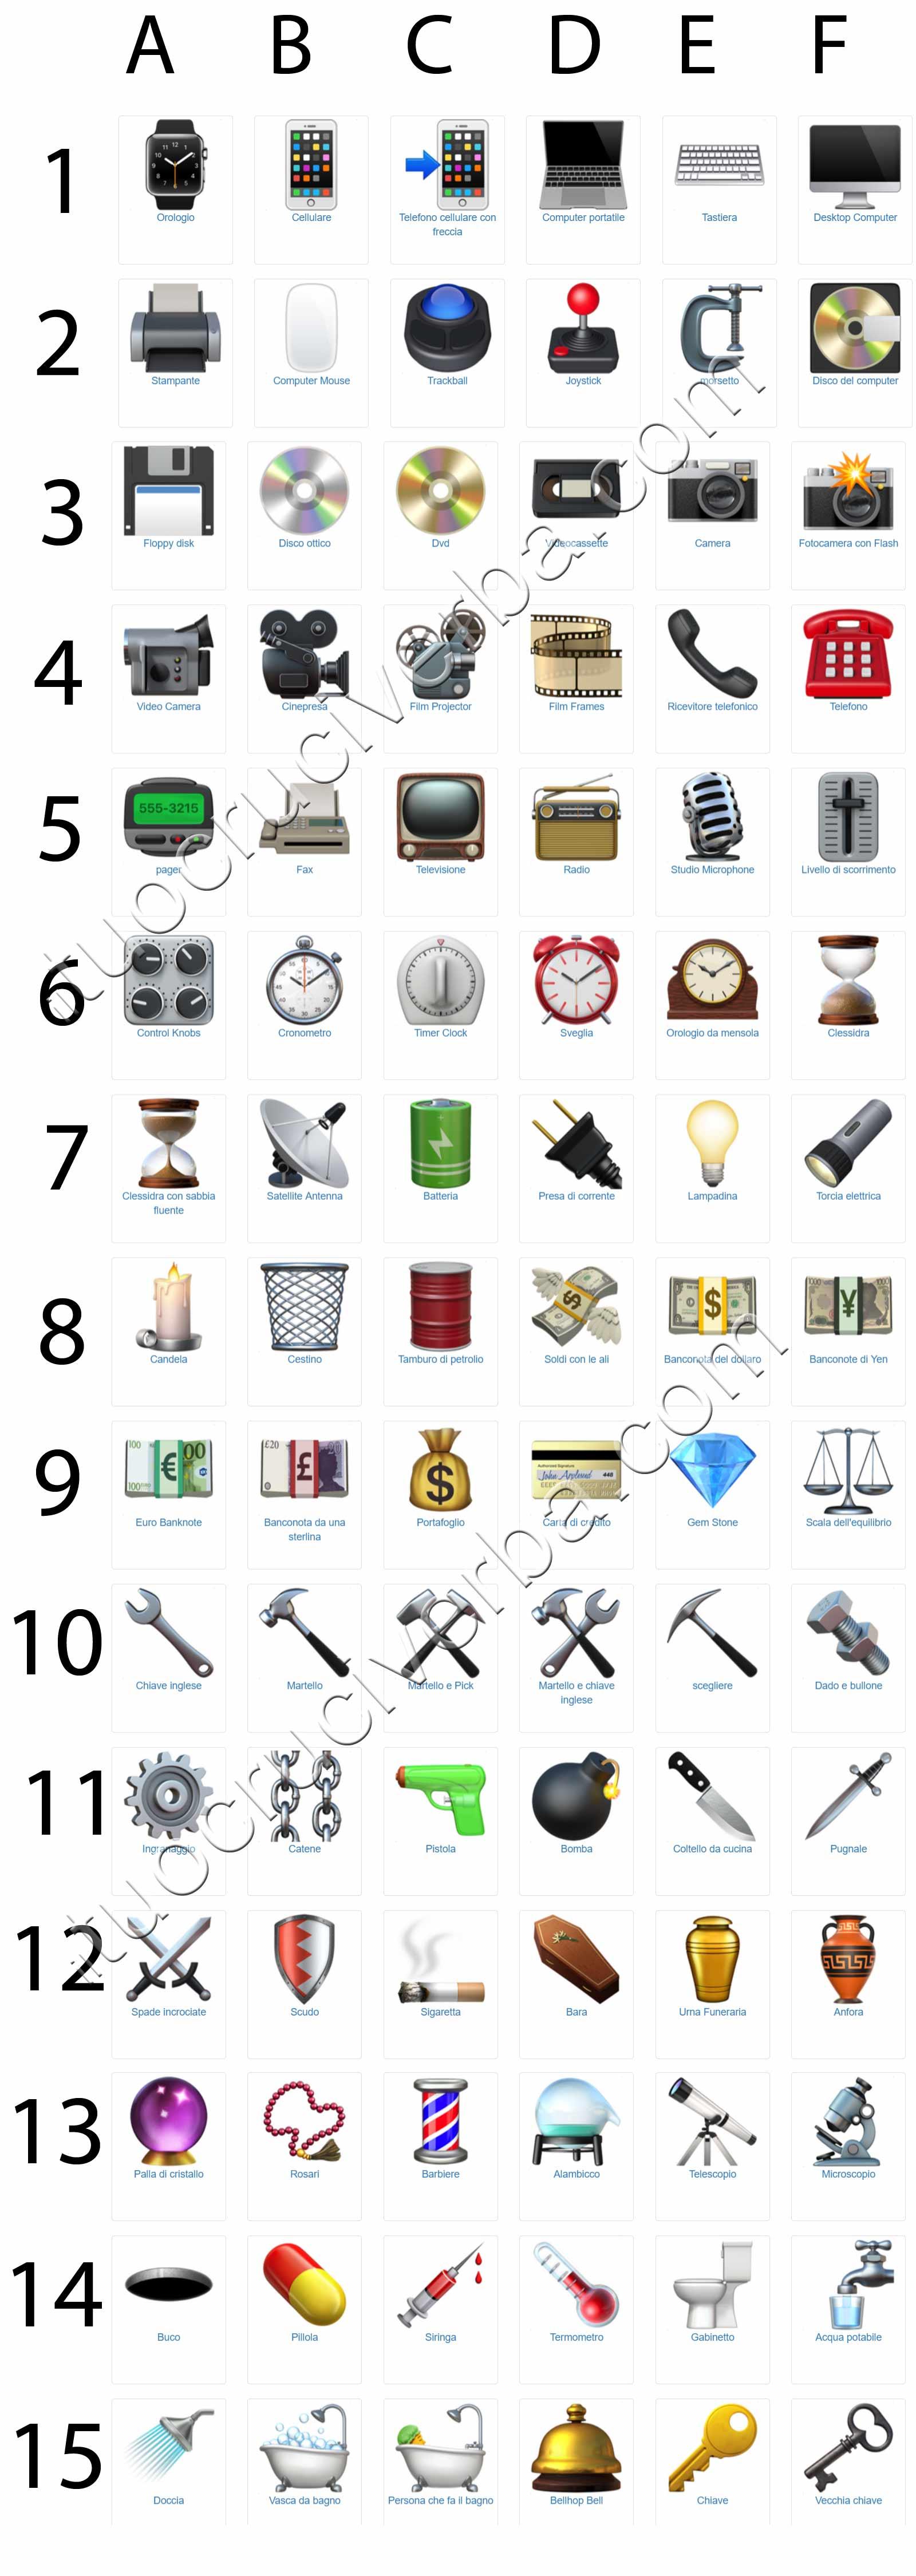 Il significato degli emoticon e degli emoji della categoria oggetti